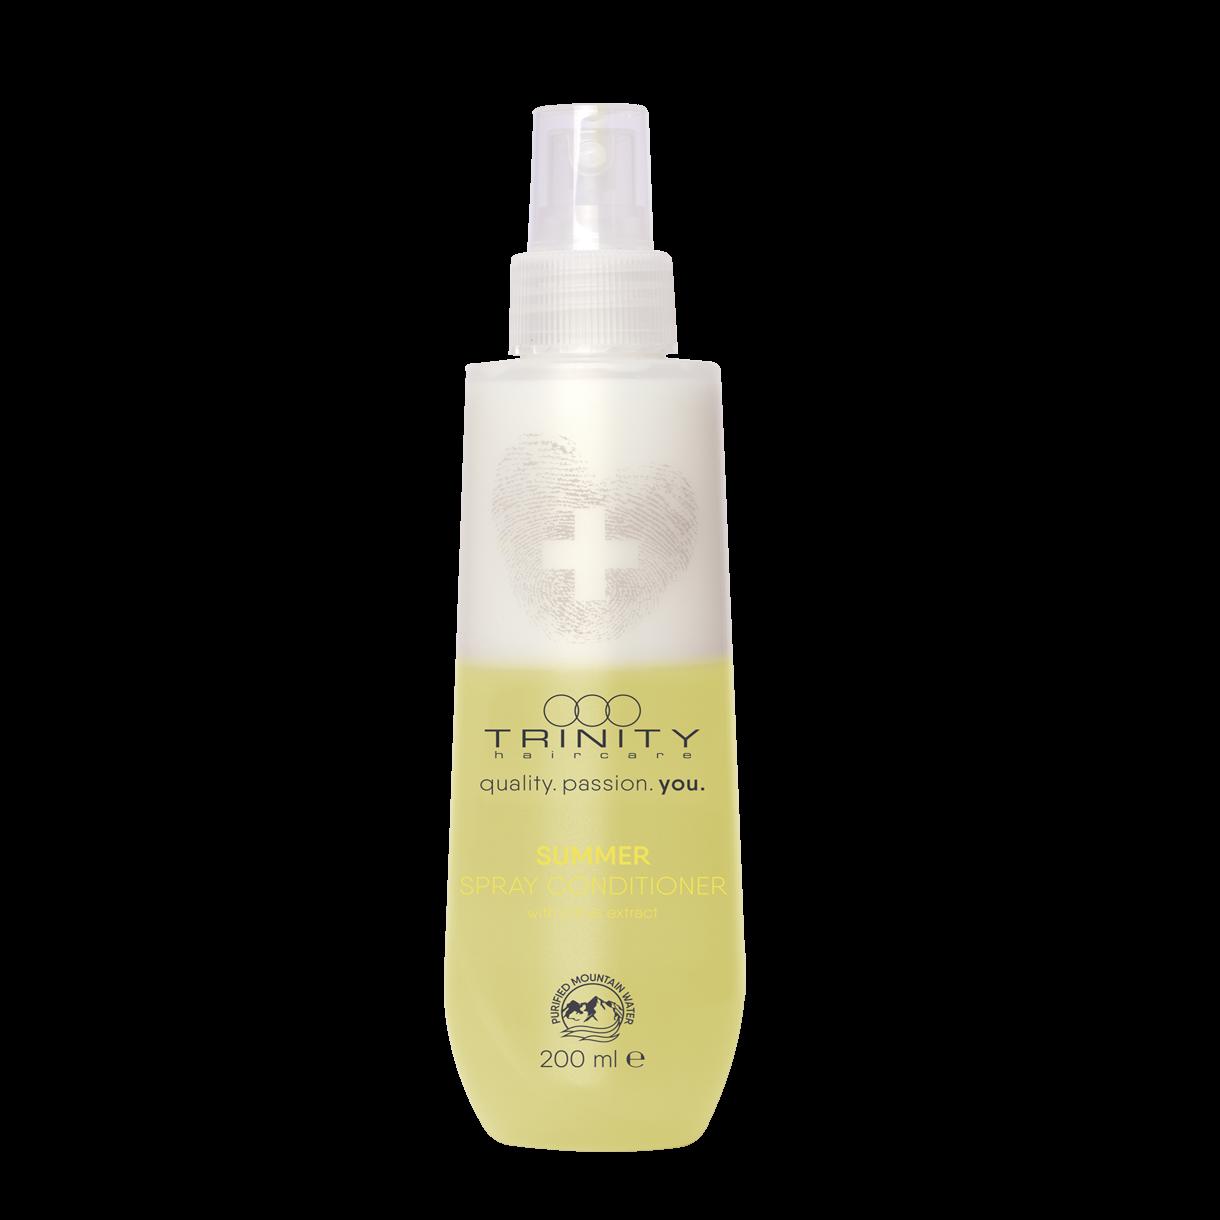 Trinity Hair Care Спрей-Кондиционер Essentials Summer Spray Conditioner с УФ Фильтром Защитный, 75 мл